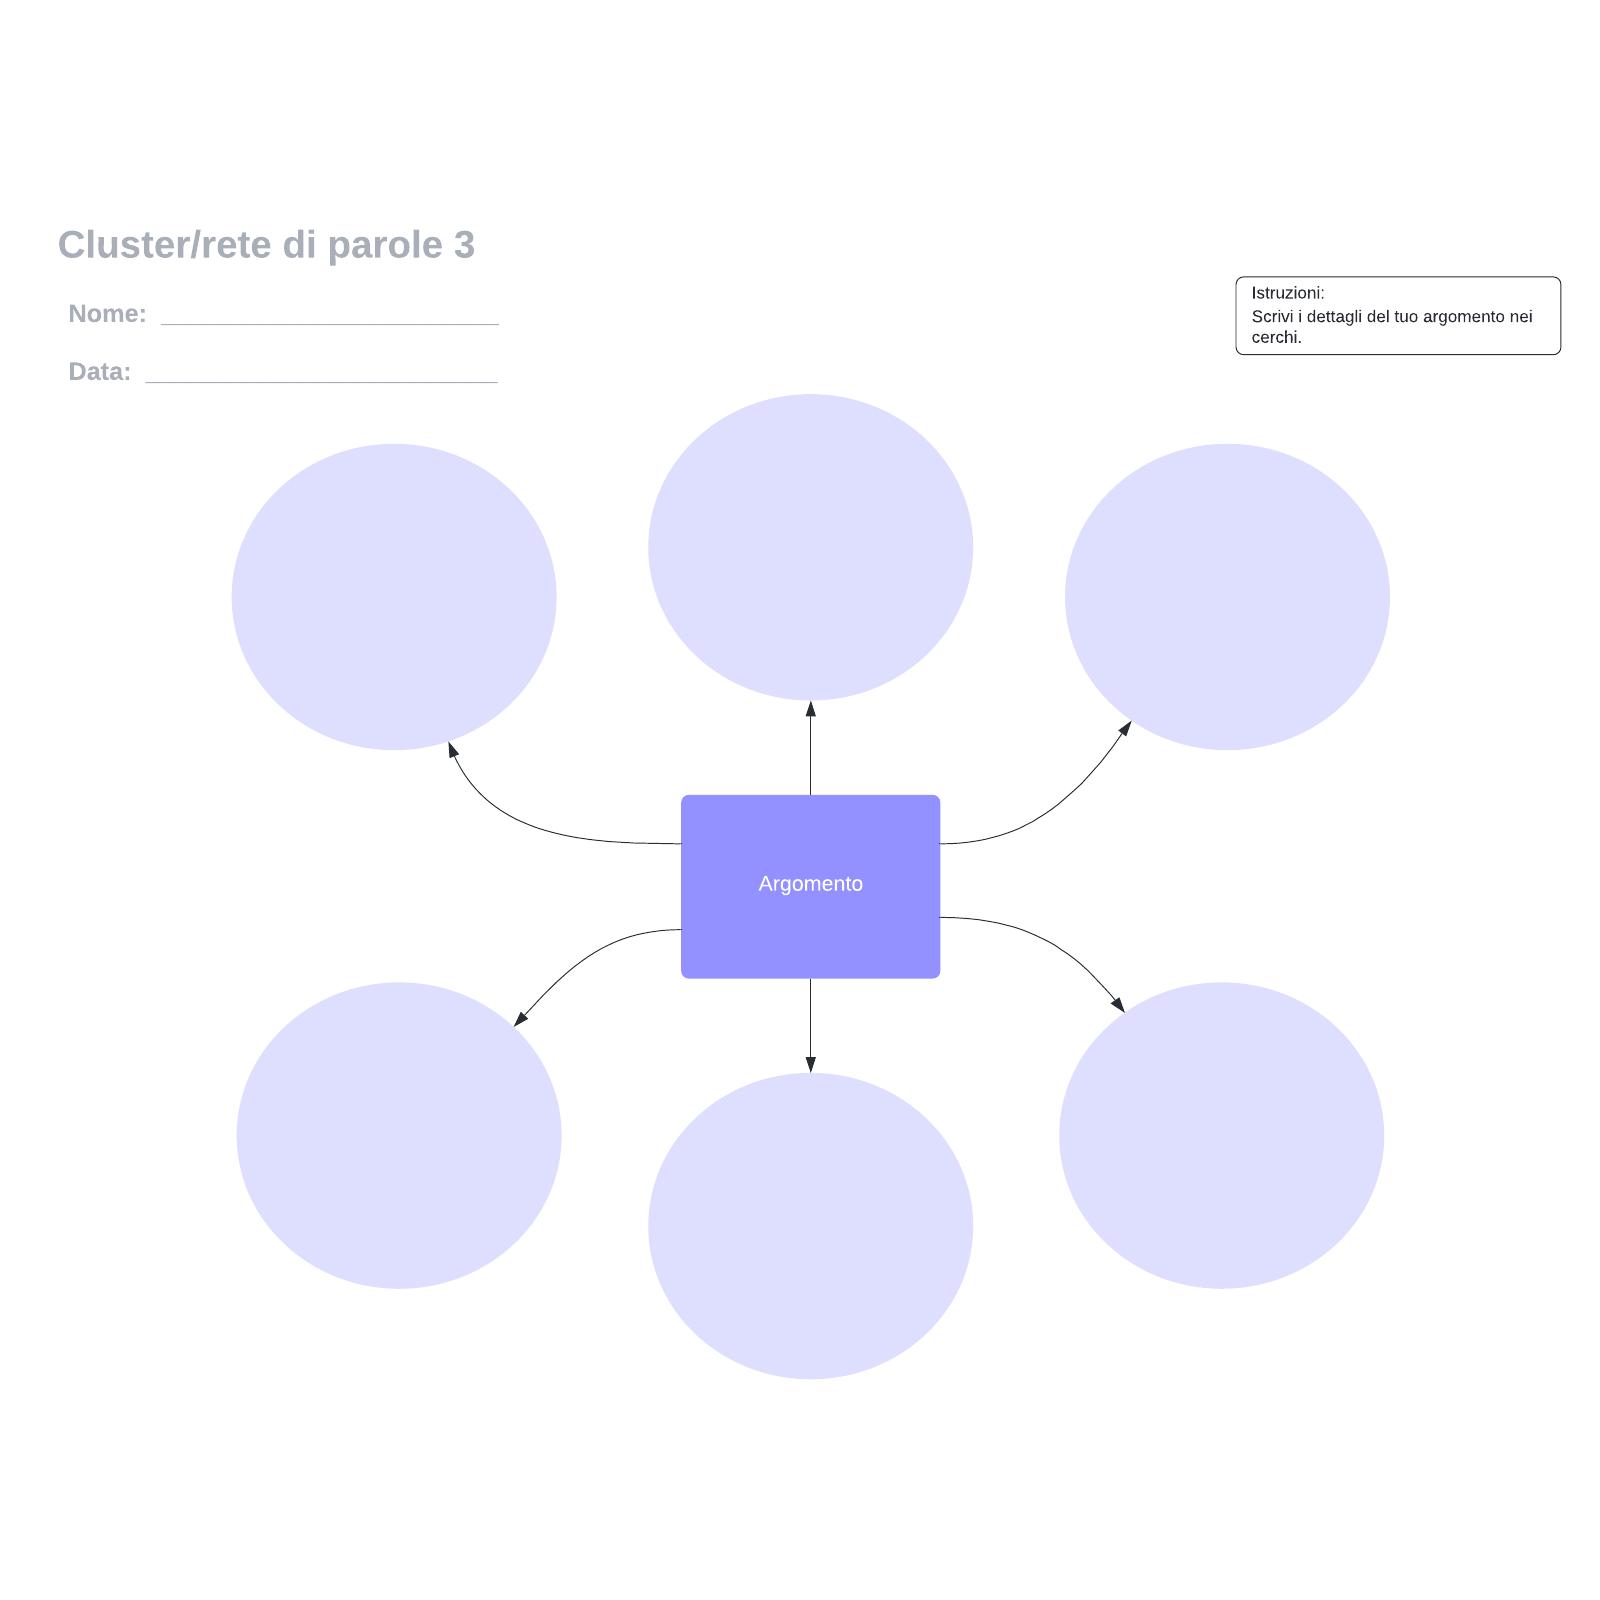 Cluster/rete di parole 3